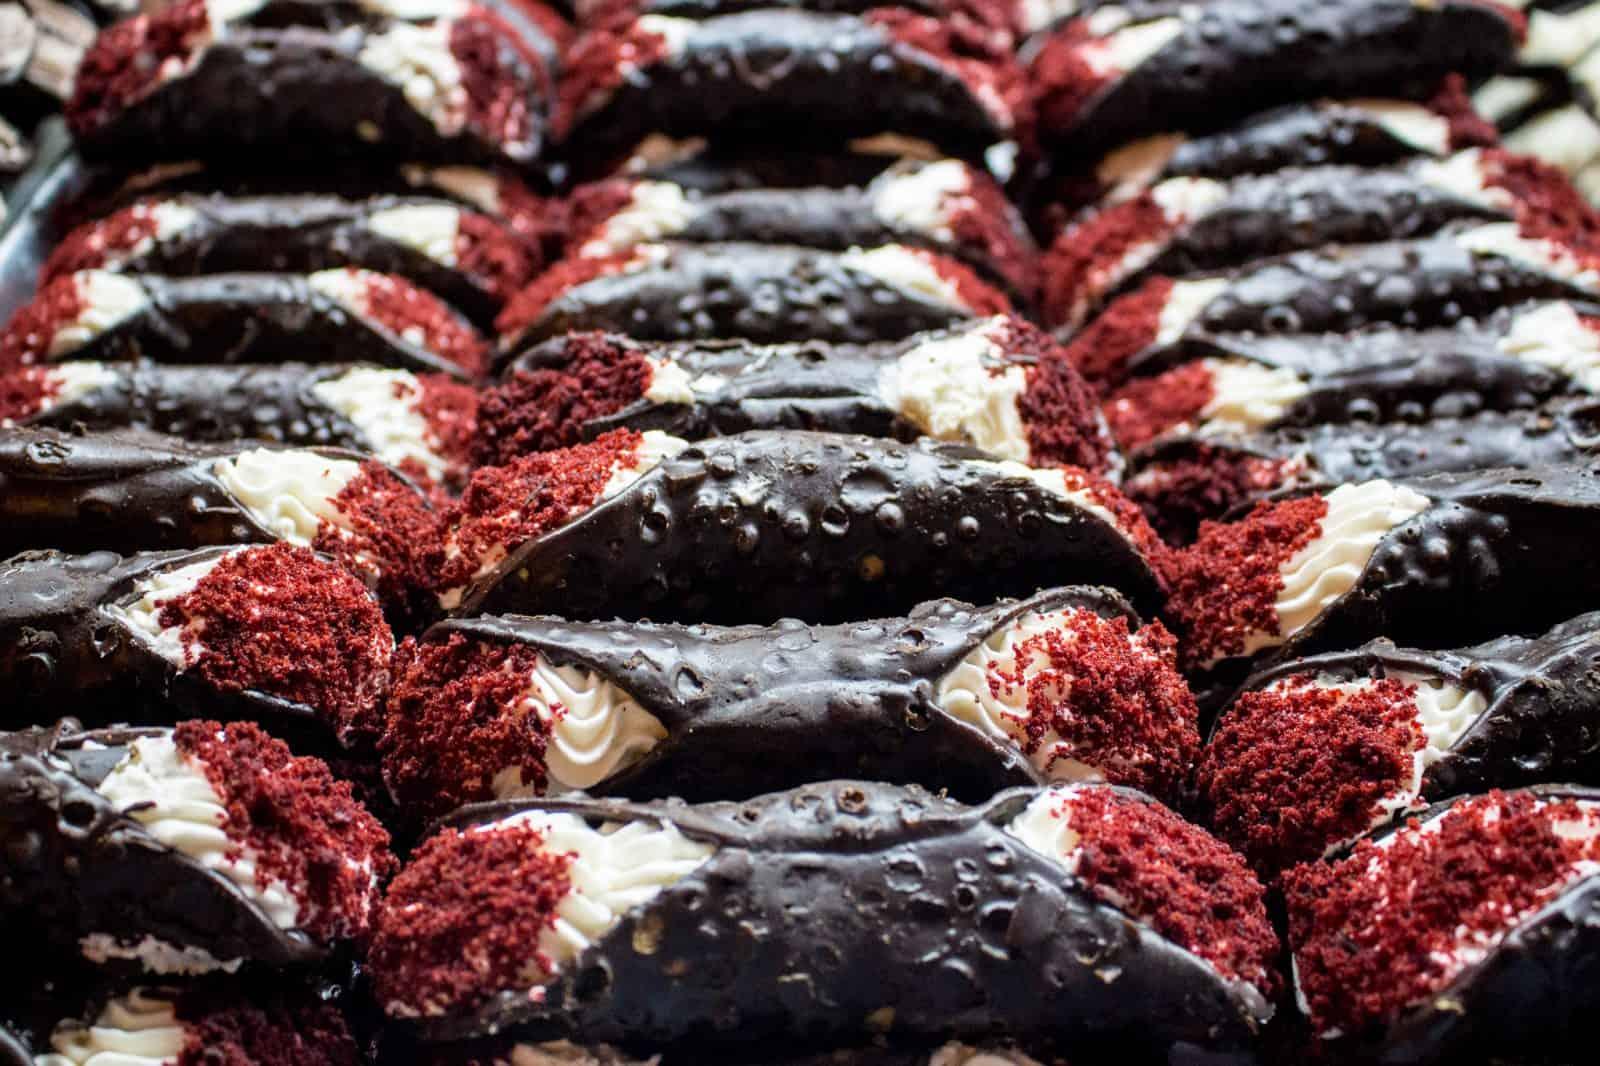 Red Velvet Cannoli from Ferrara Bakery & Cafe